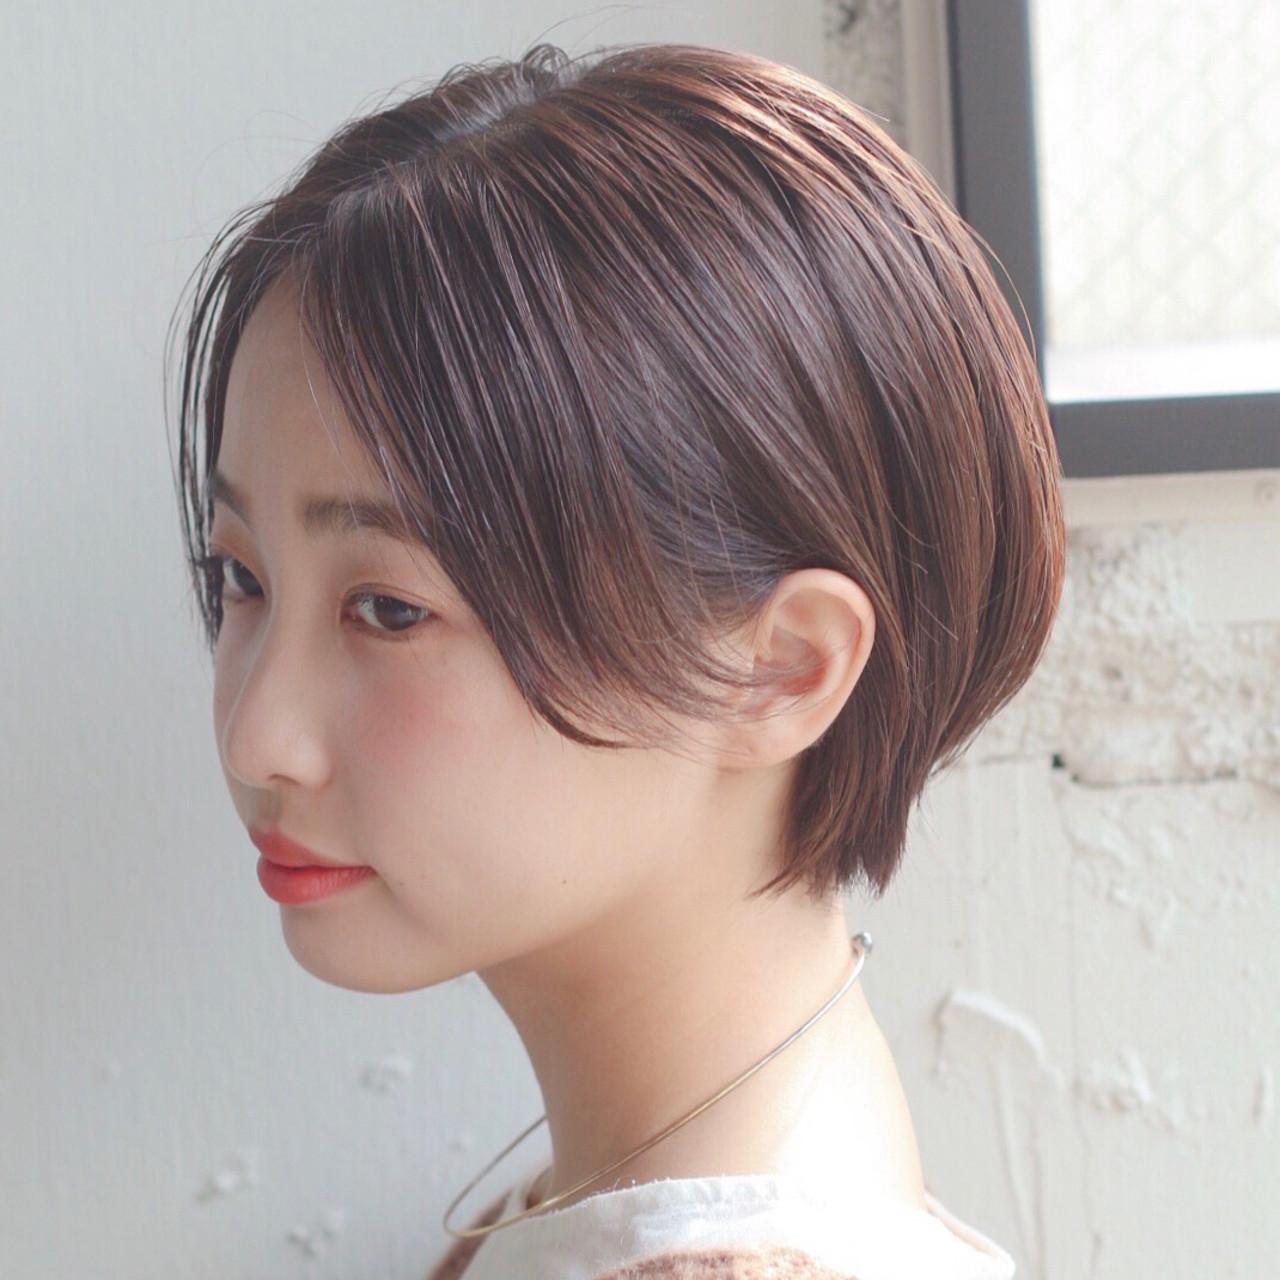 大人かわいい 耳かけ アンニュイほつれヘア ショート ヘアスタイルや髪型の写真・画像